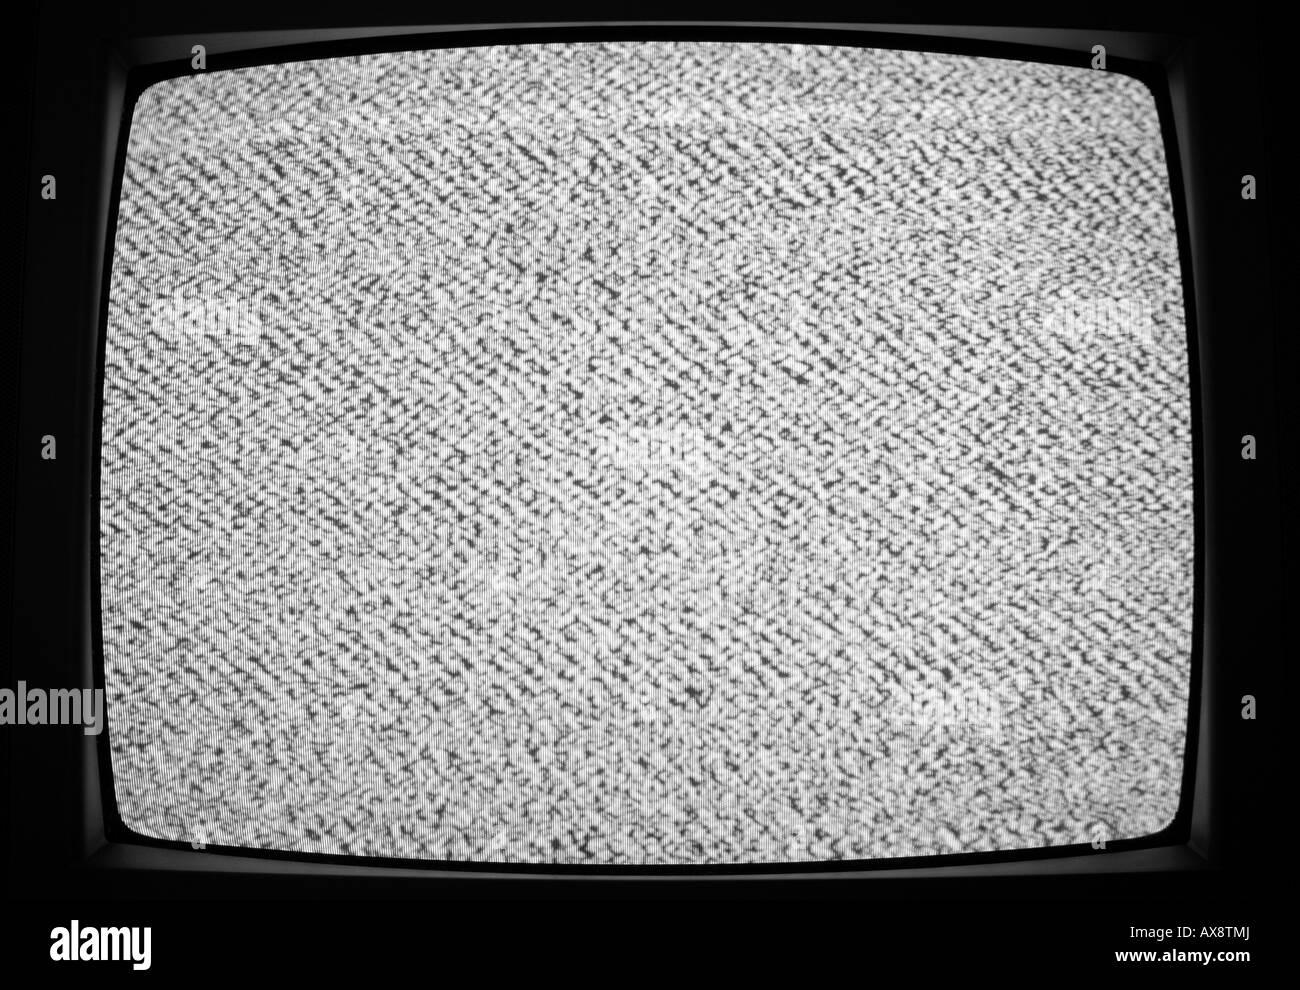 Statico della televisione Immagini Stock